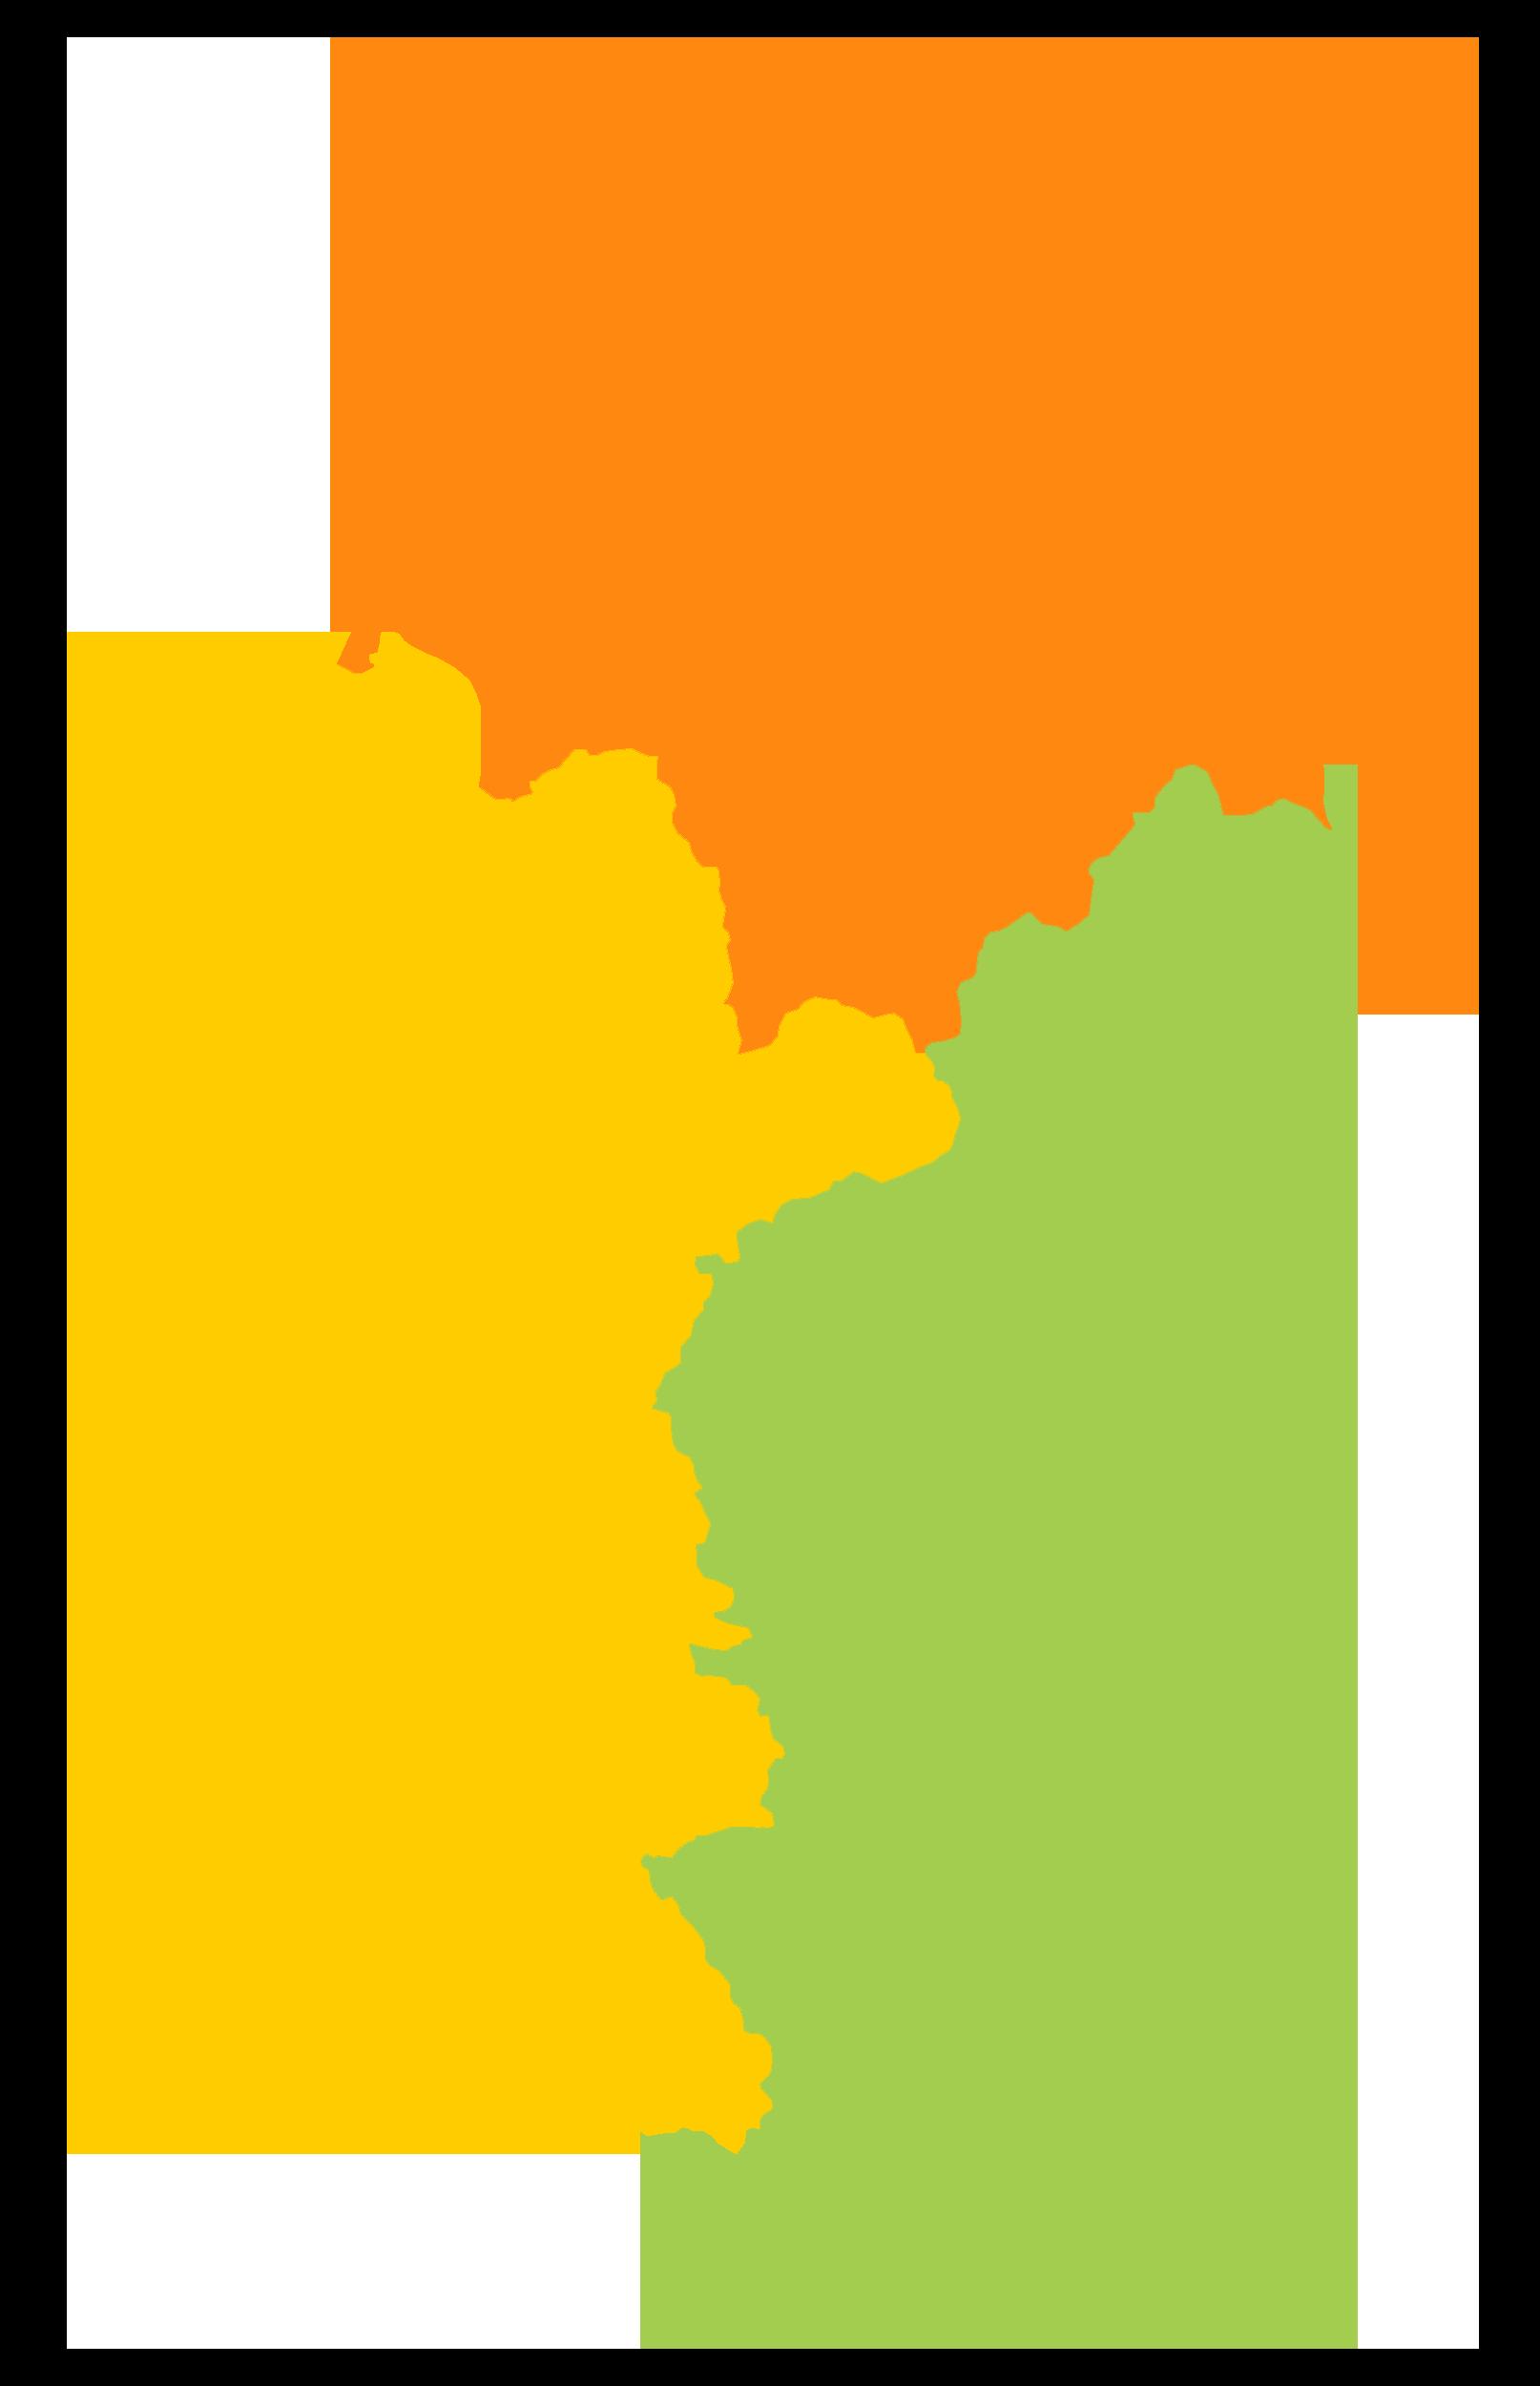 画像:秋田県をエリア別に色分けした地図